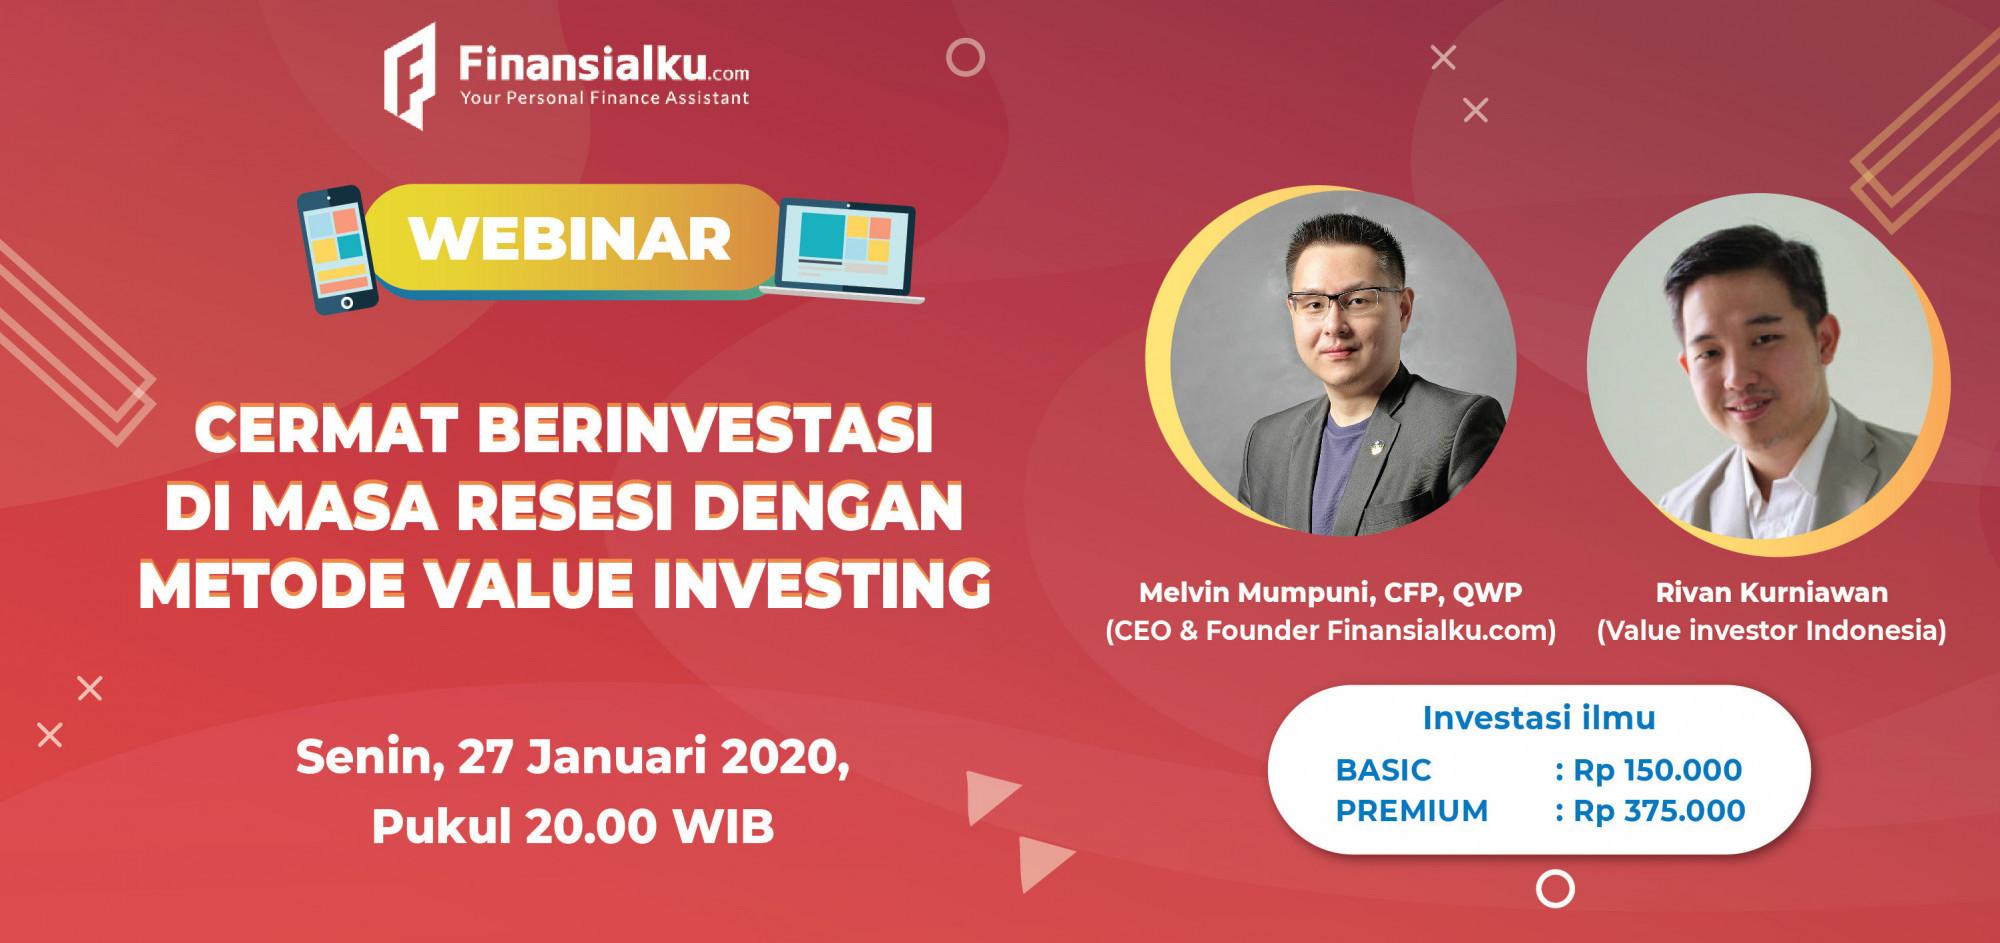 Webinar Saham Finansialku: Cermat Berinvestasi di Masa Resesi dengan Metode Value Investing